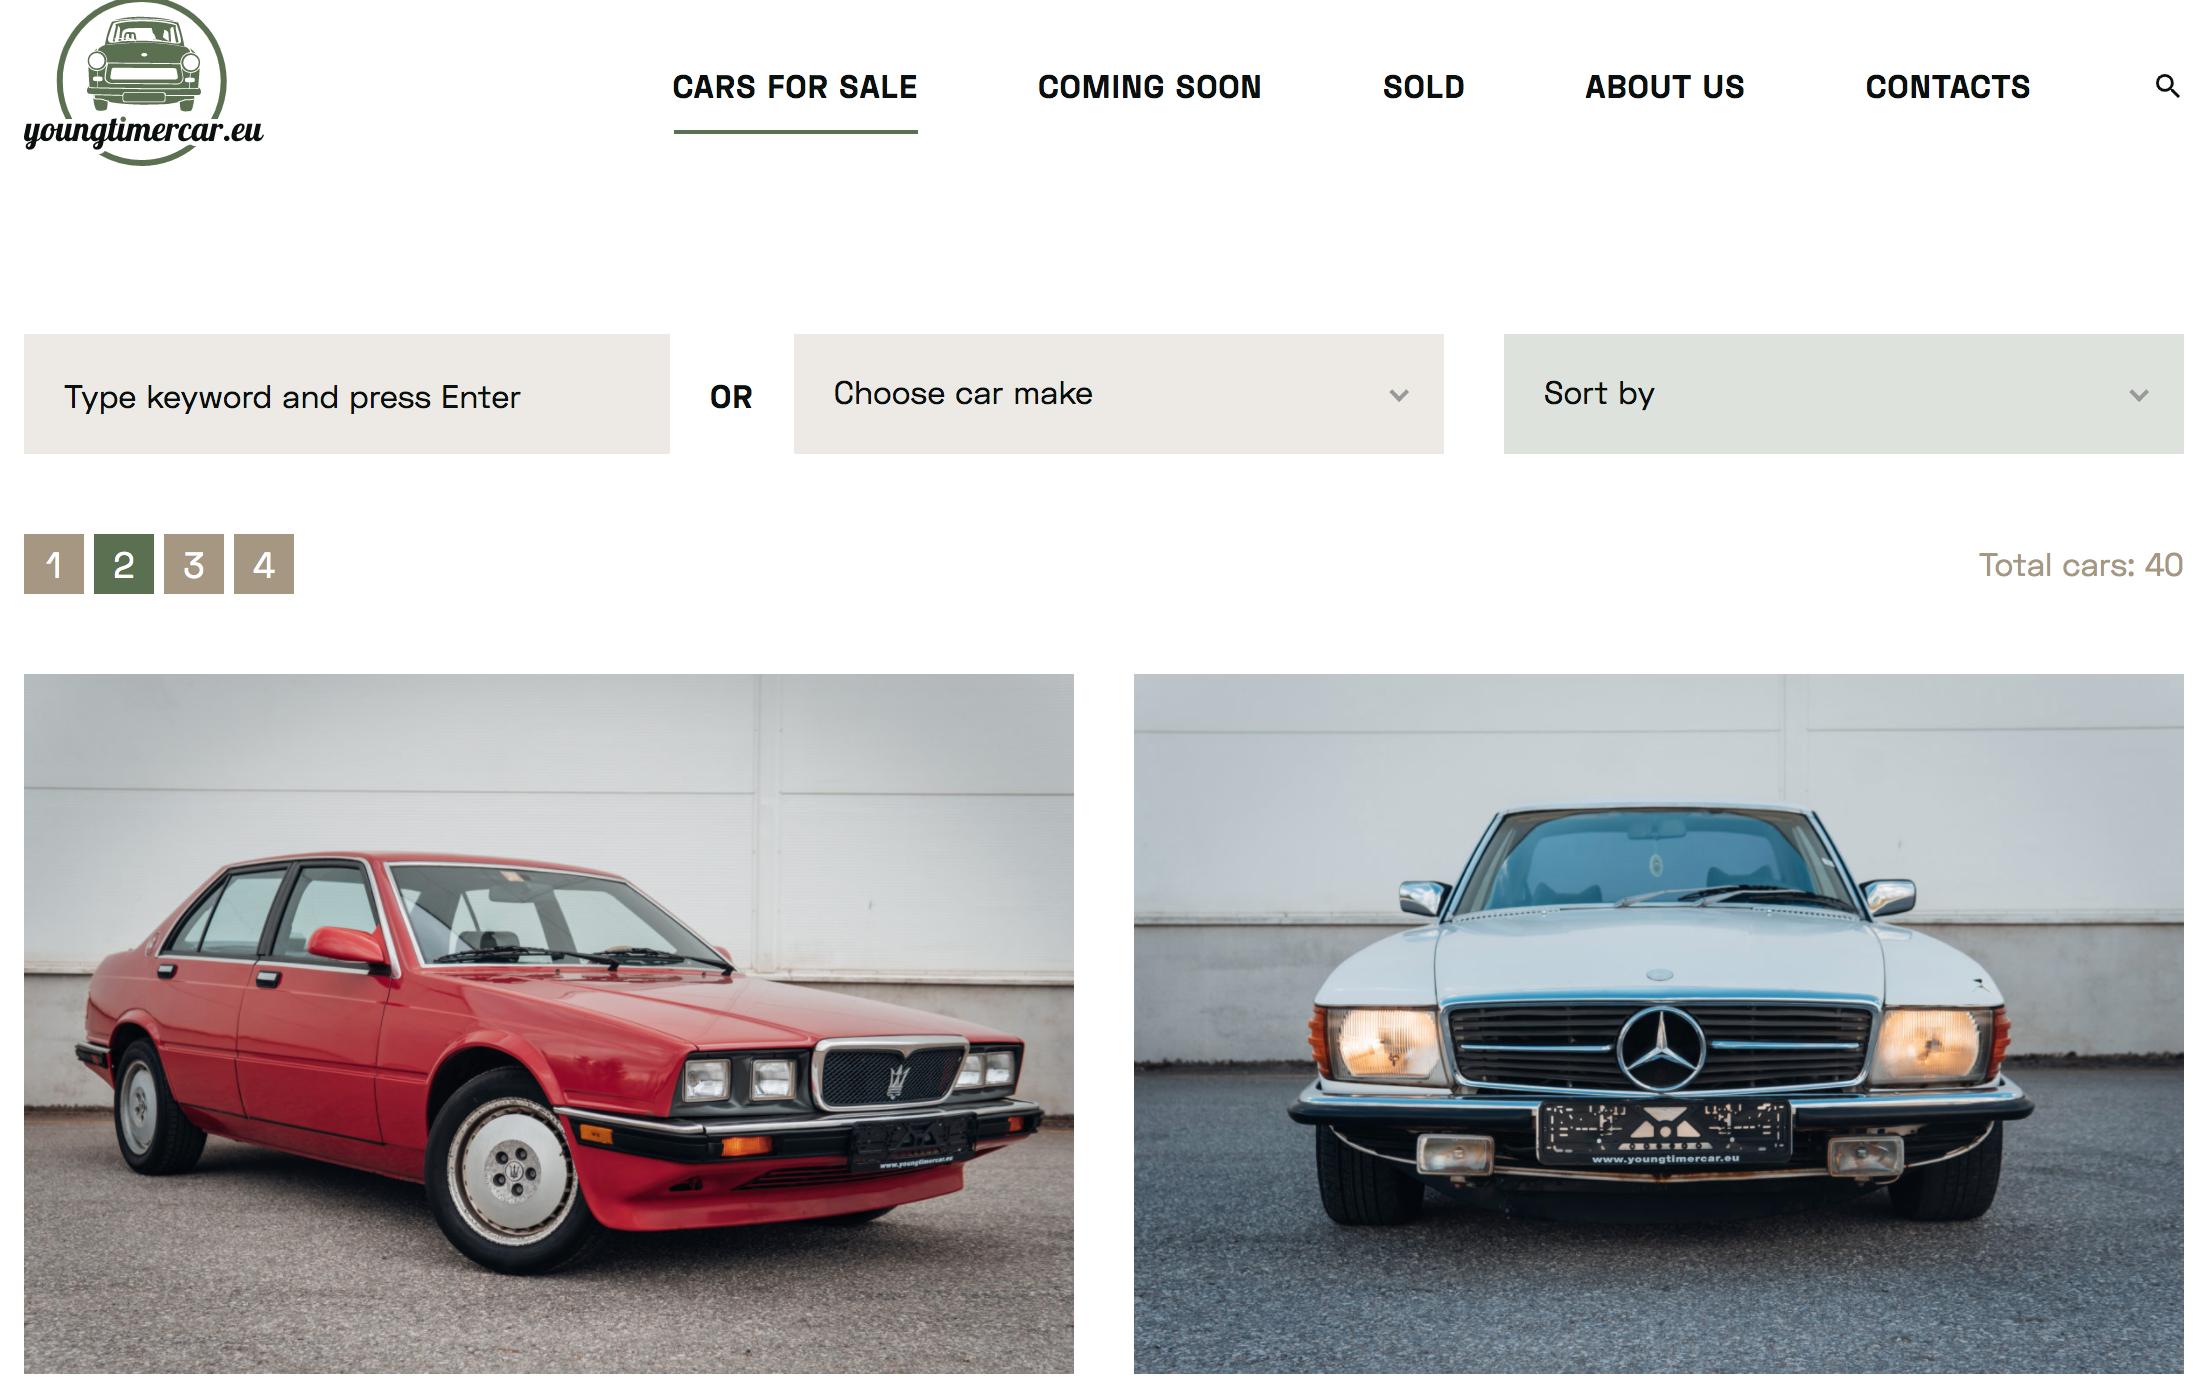 意大利菲亚特家族的继承人 Lapo Elkann 入股瑞士汽车收藏公司 Youngtimers